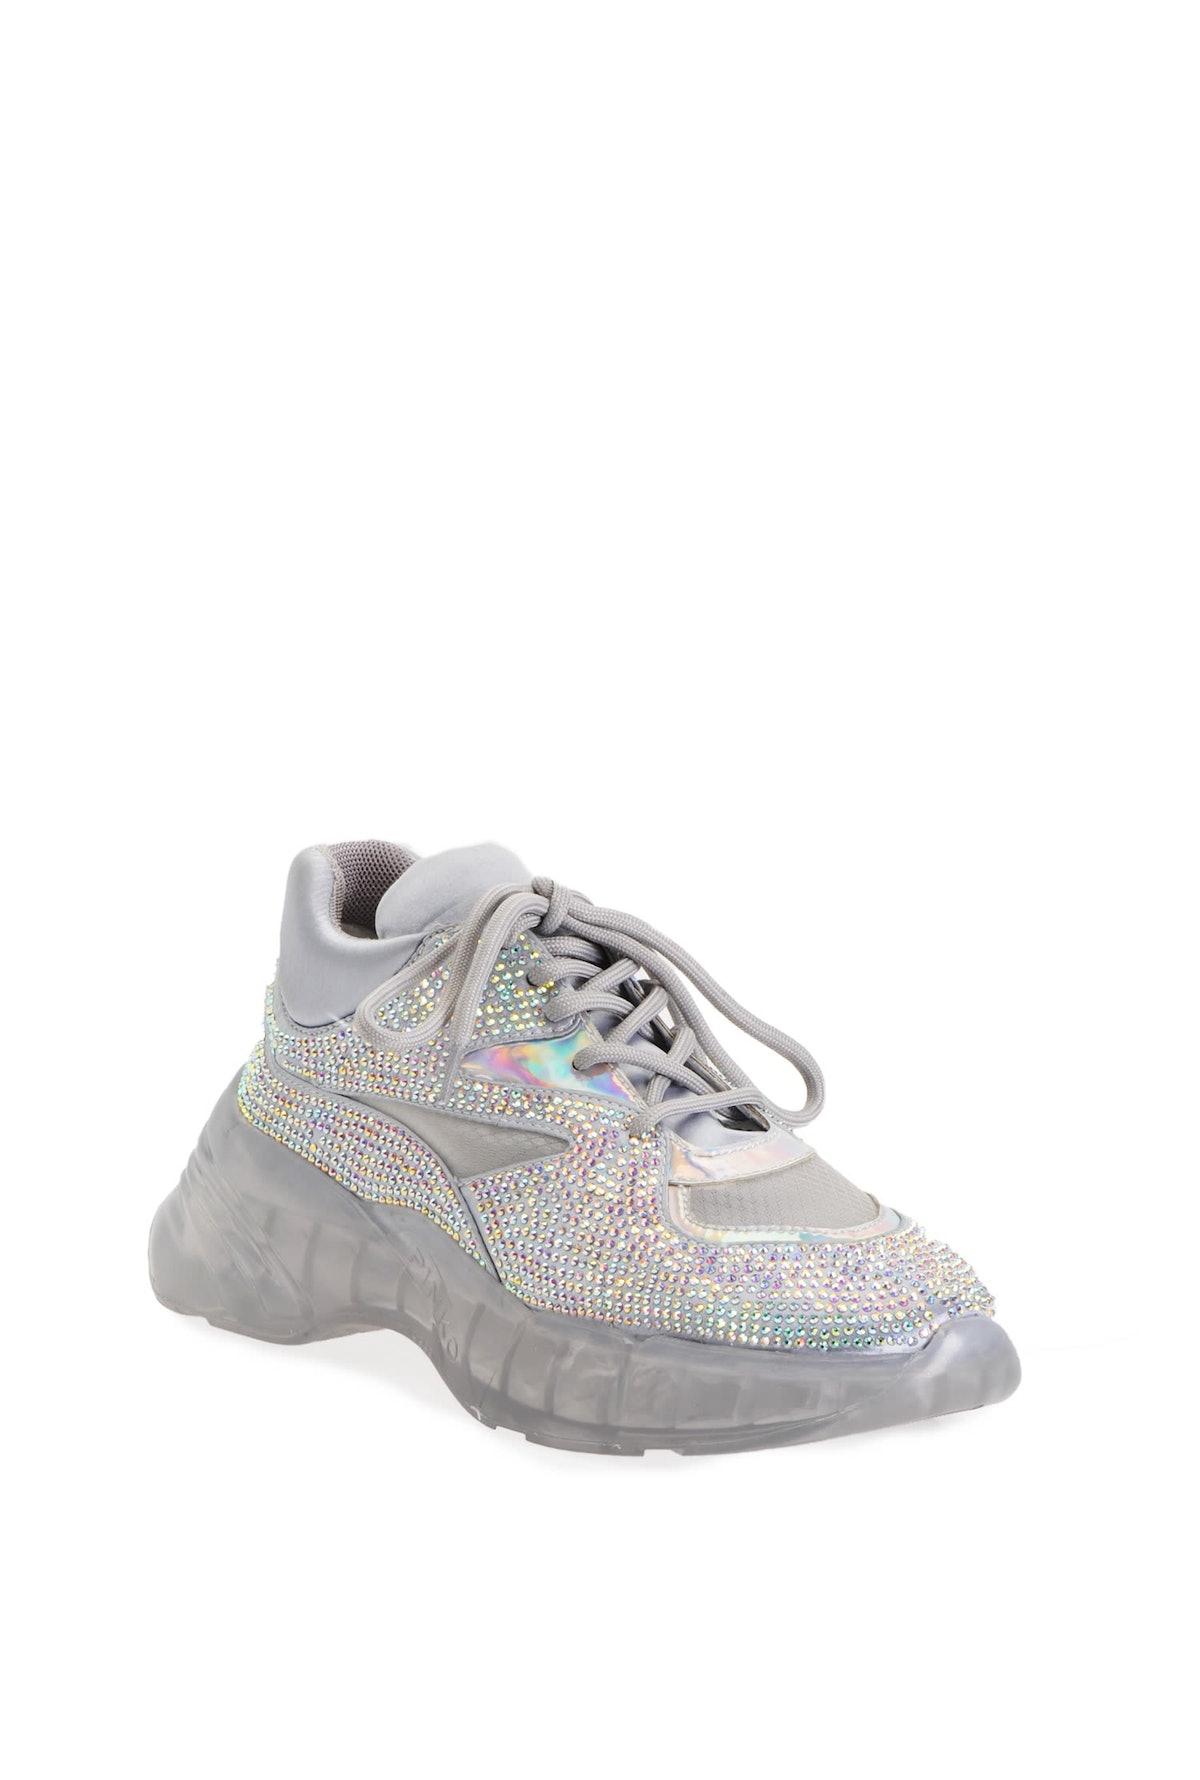 PINKO Full Rhinestone Diamond Sneakers